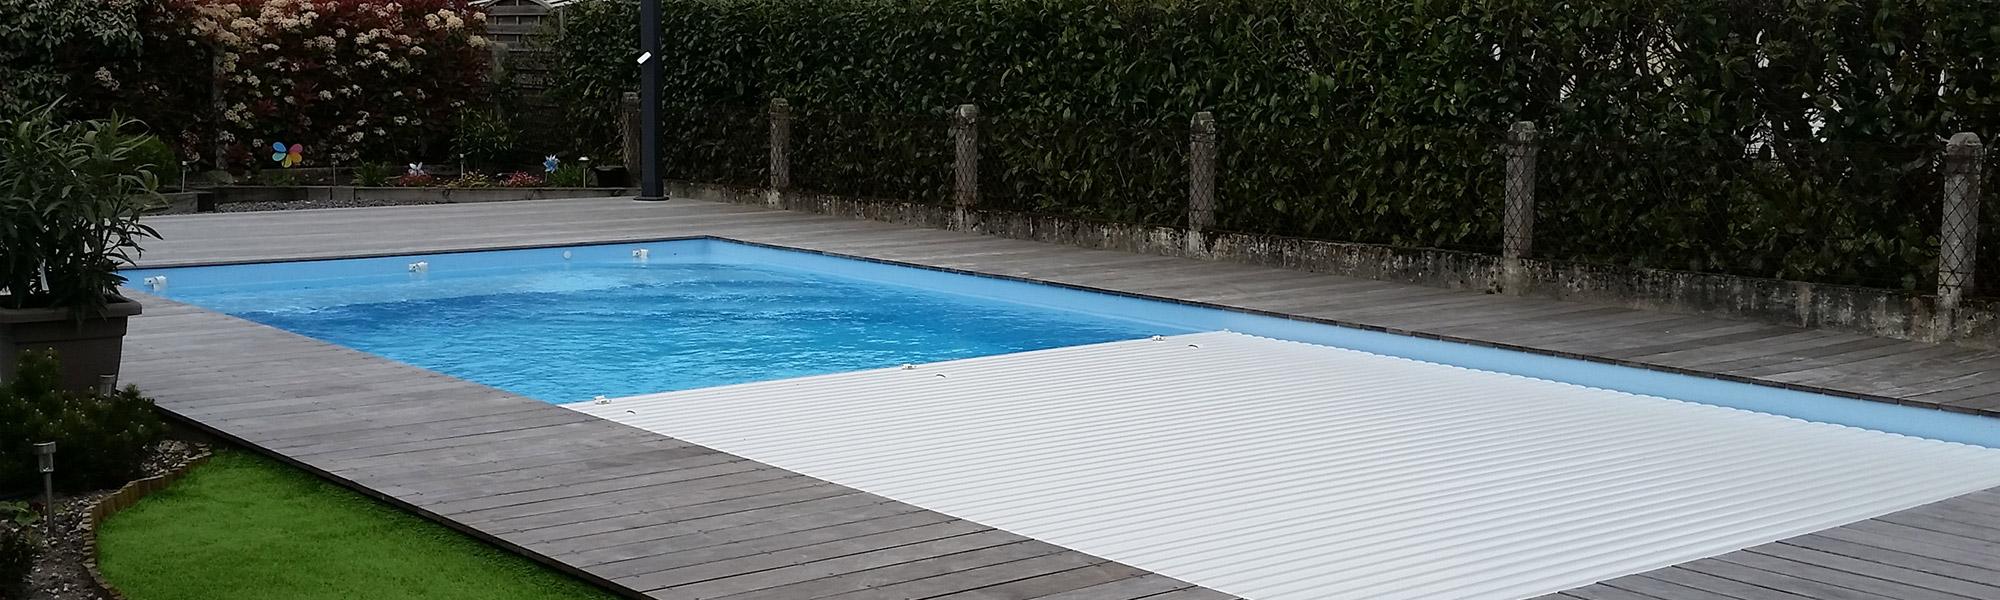 Piscine coque bordeaux d couvrez nos coques piscine en for Piscine en polyester